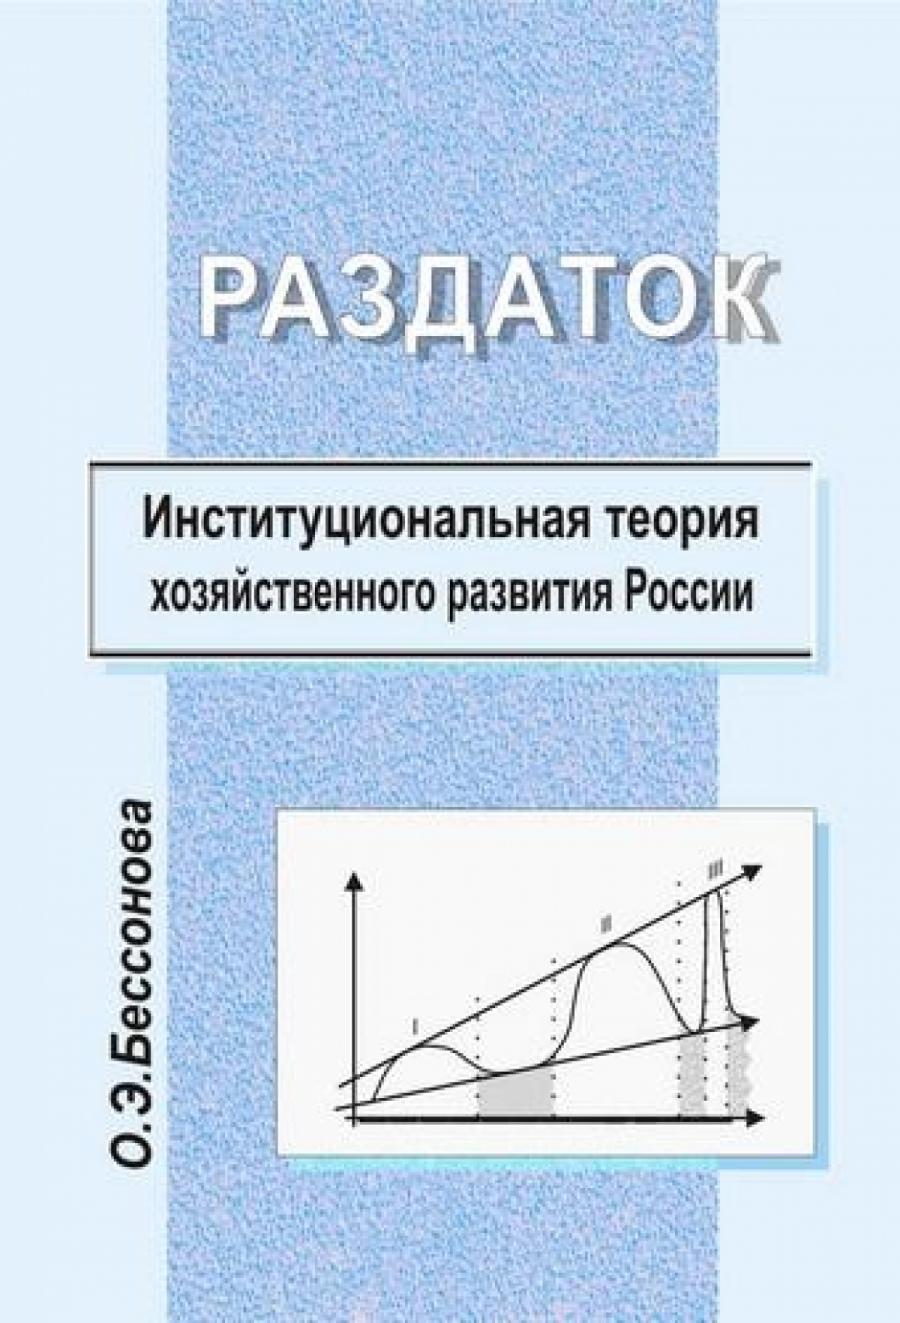 Обложка книги:  бессонова о.э. - раздаток. иституциональная теория хозяйственного развития россии